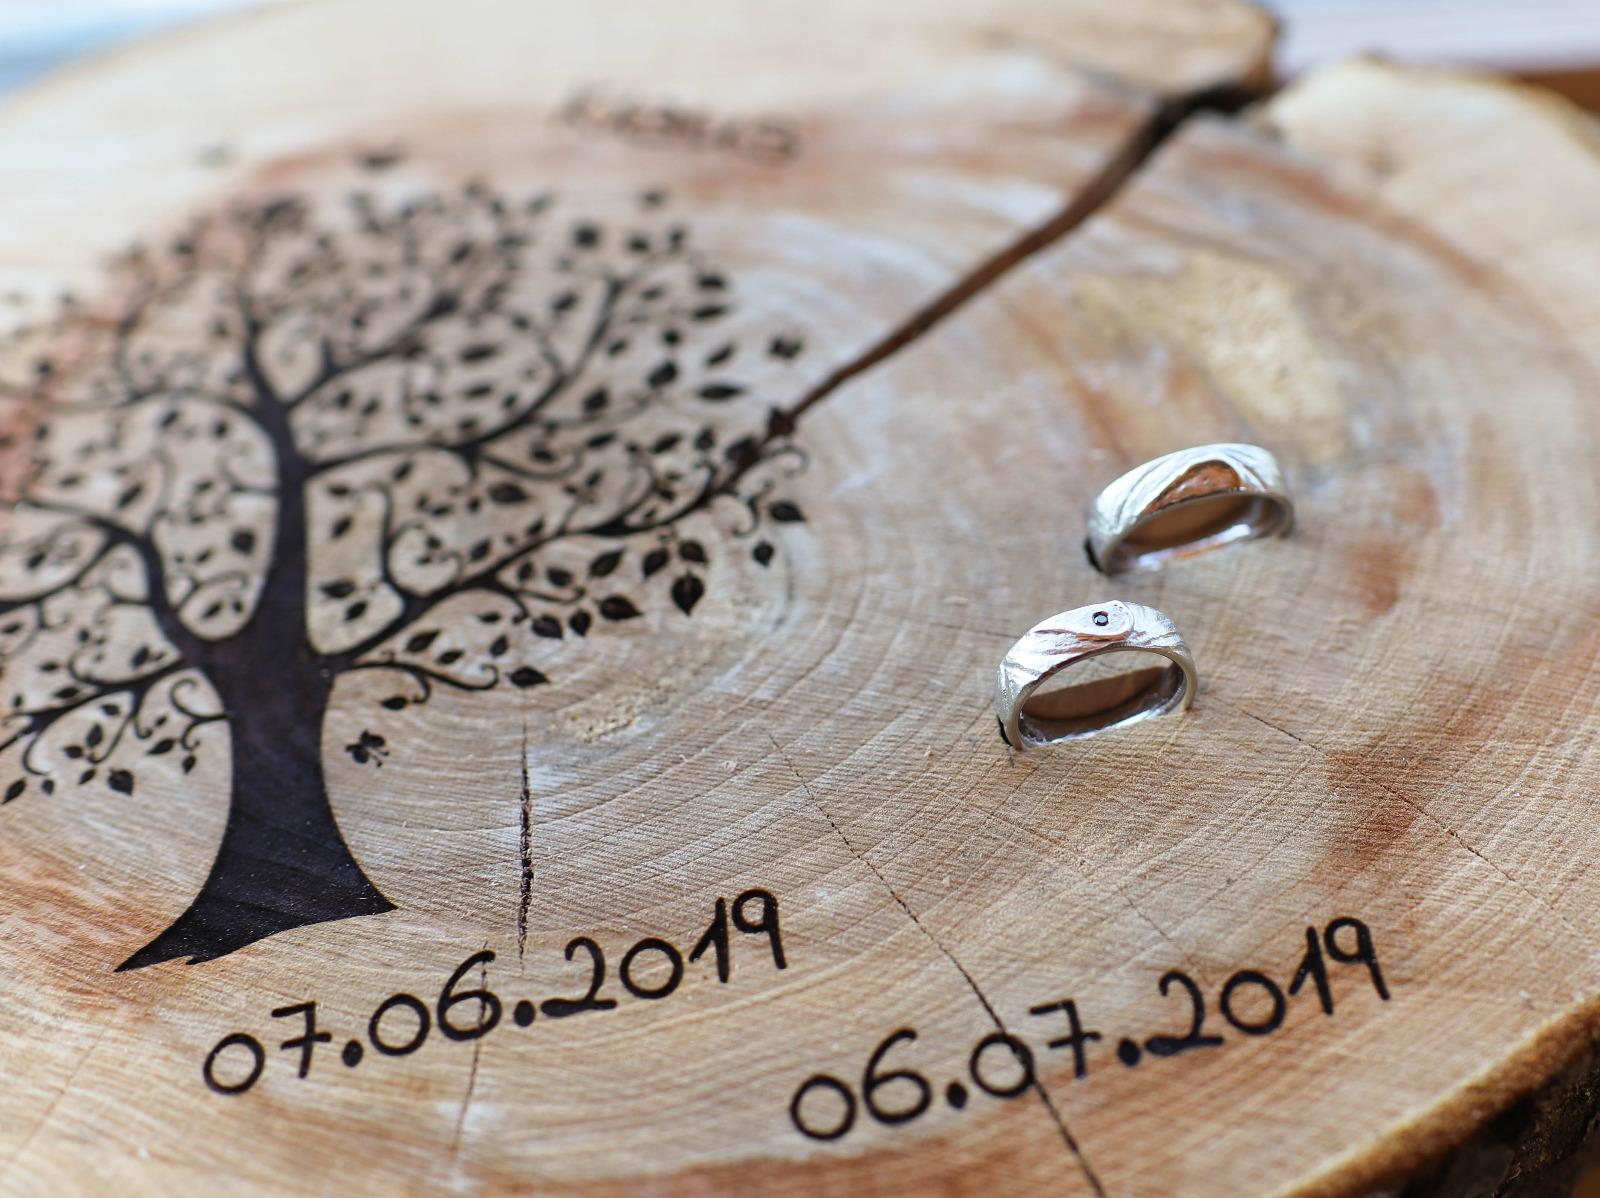 Die Ringe passen zu der freien Trauzeremonie im Wald